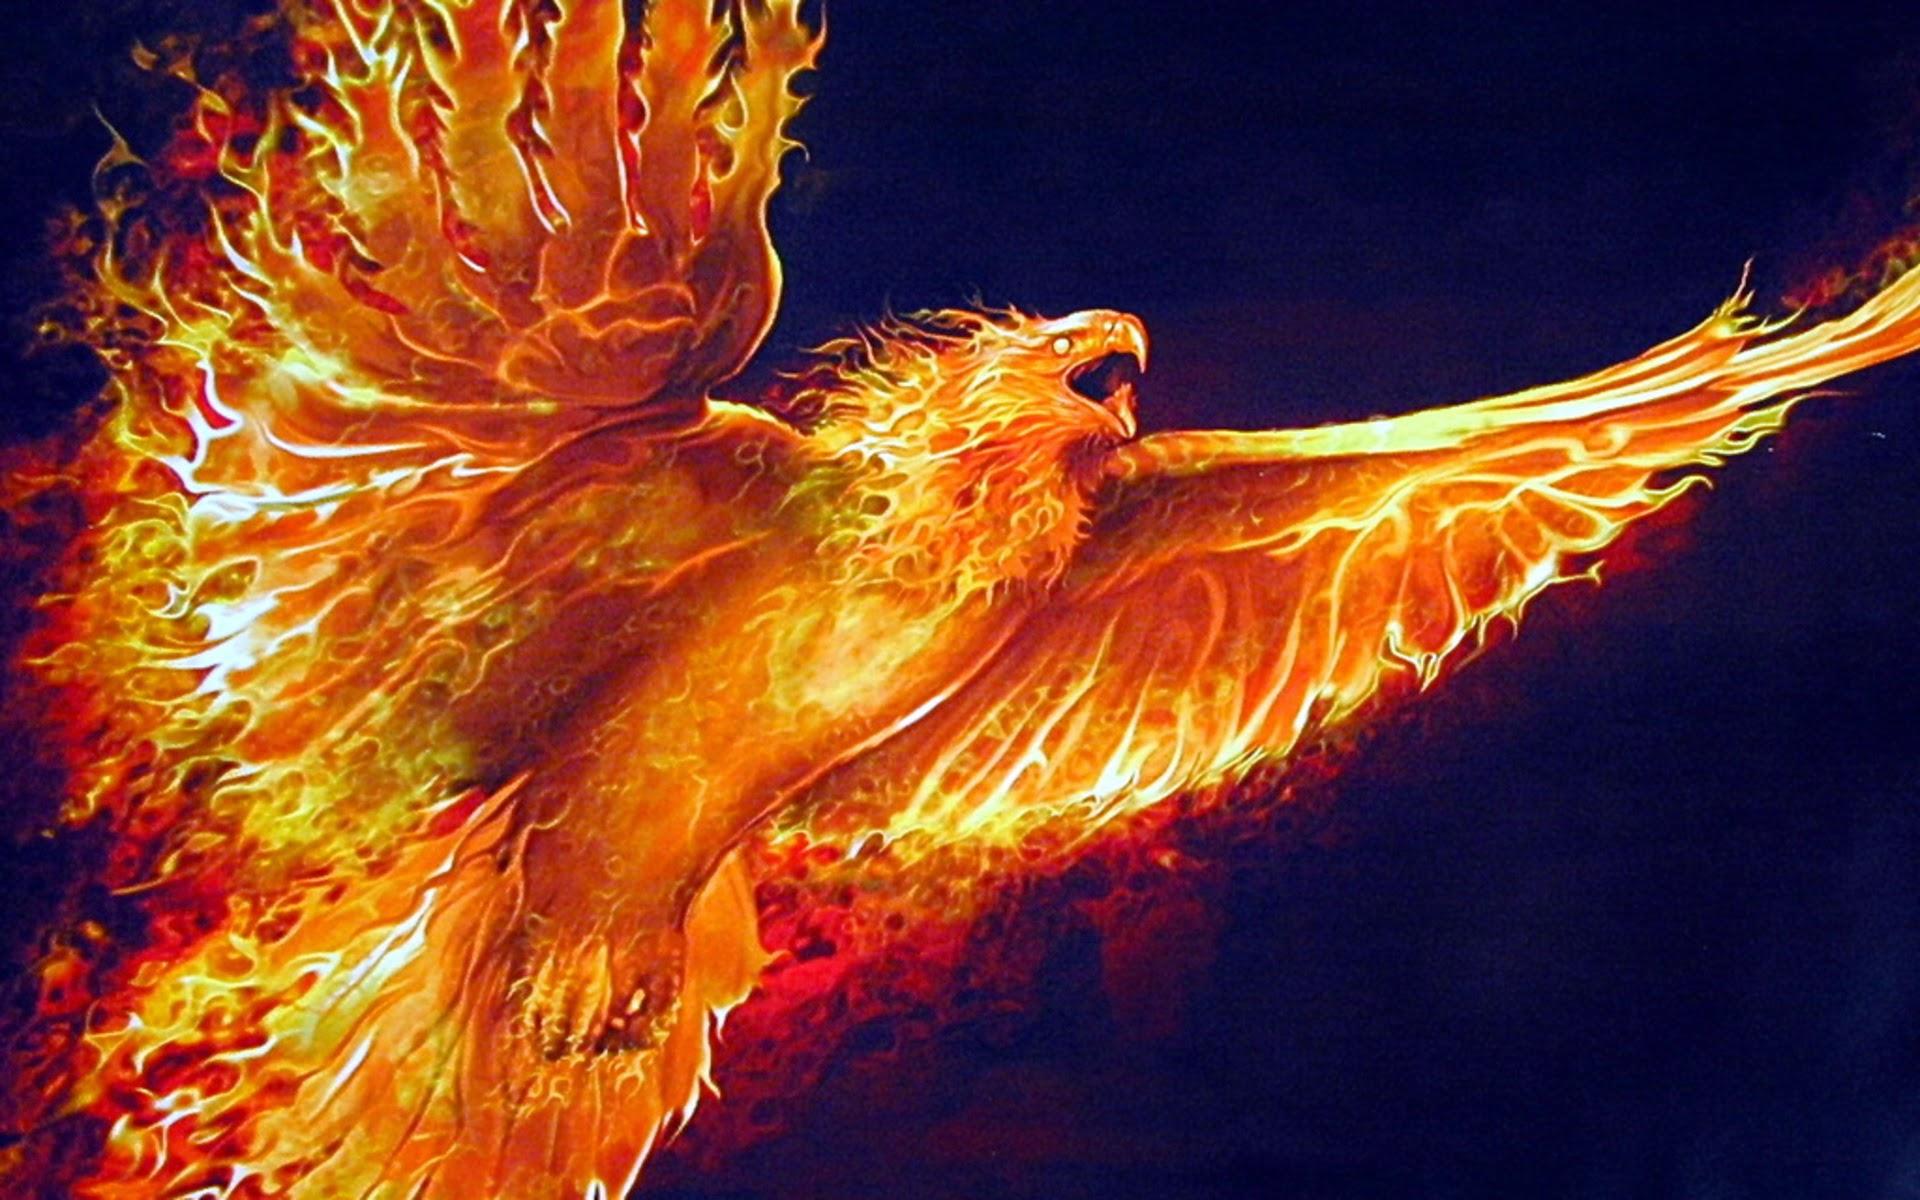 fire phoenix computer wallpapers desktop backgrounds